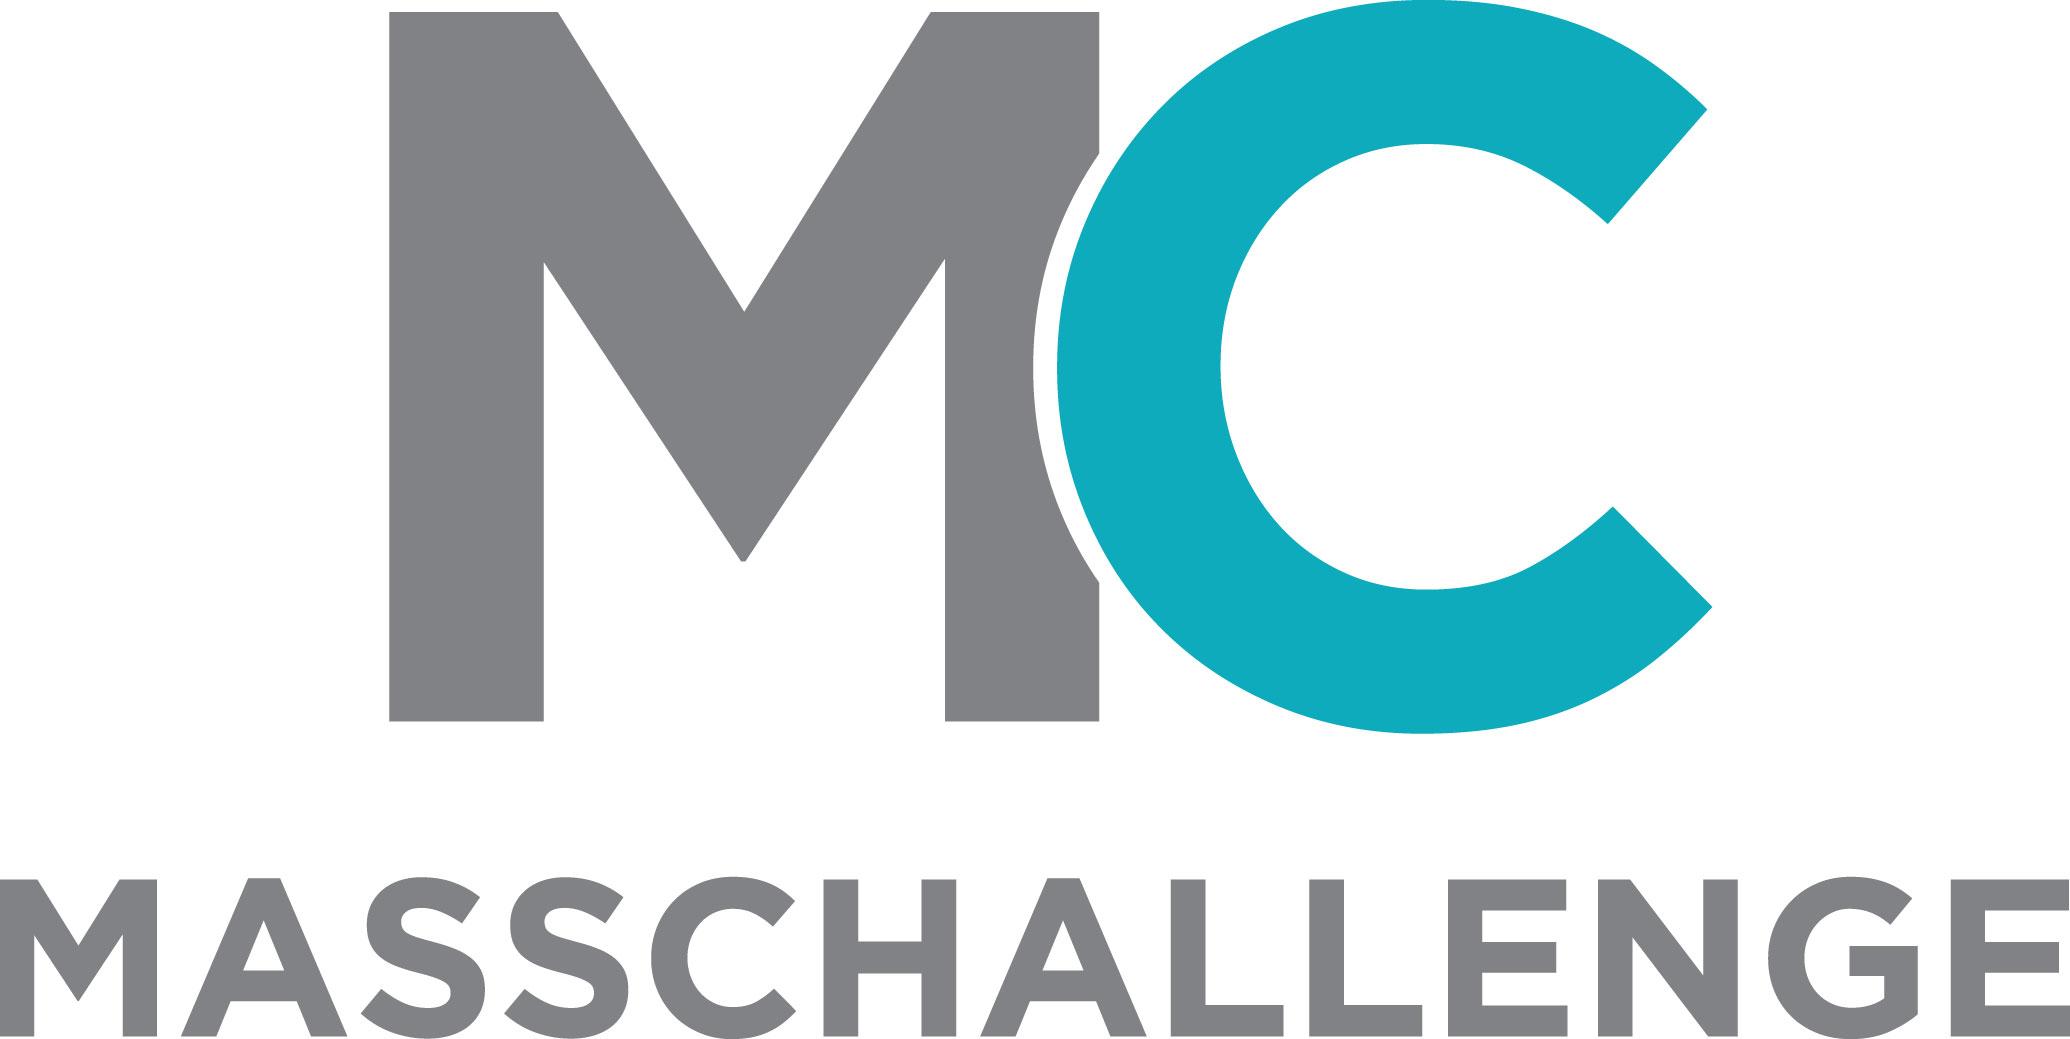 masschallenge-logo.jpg